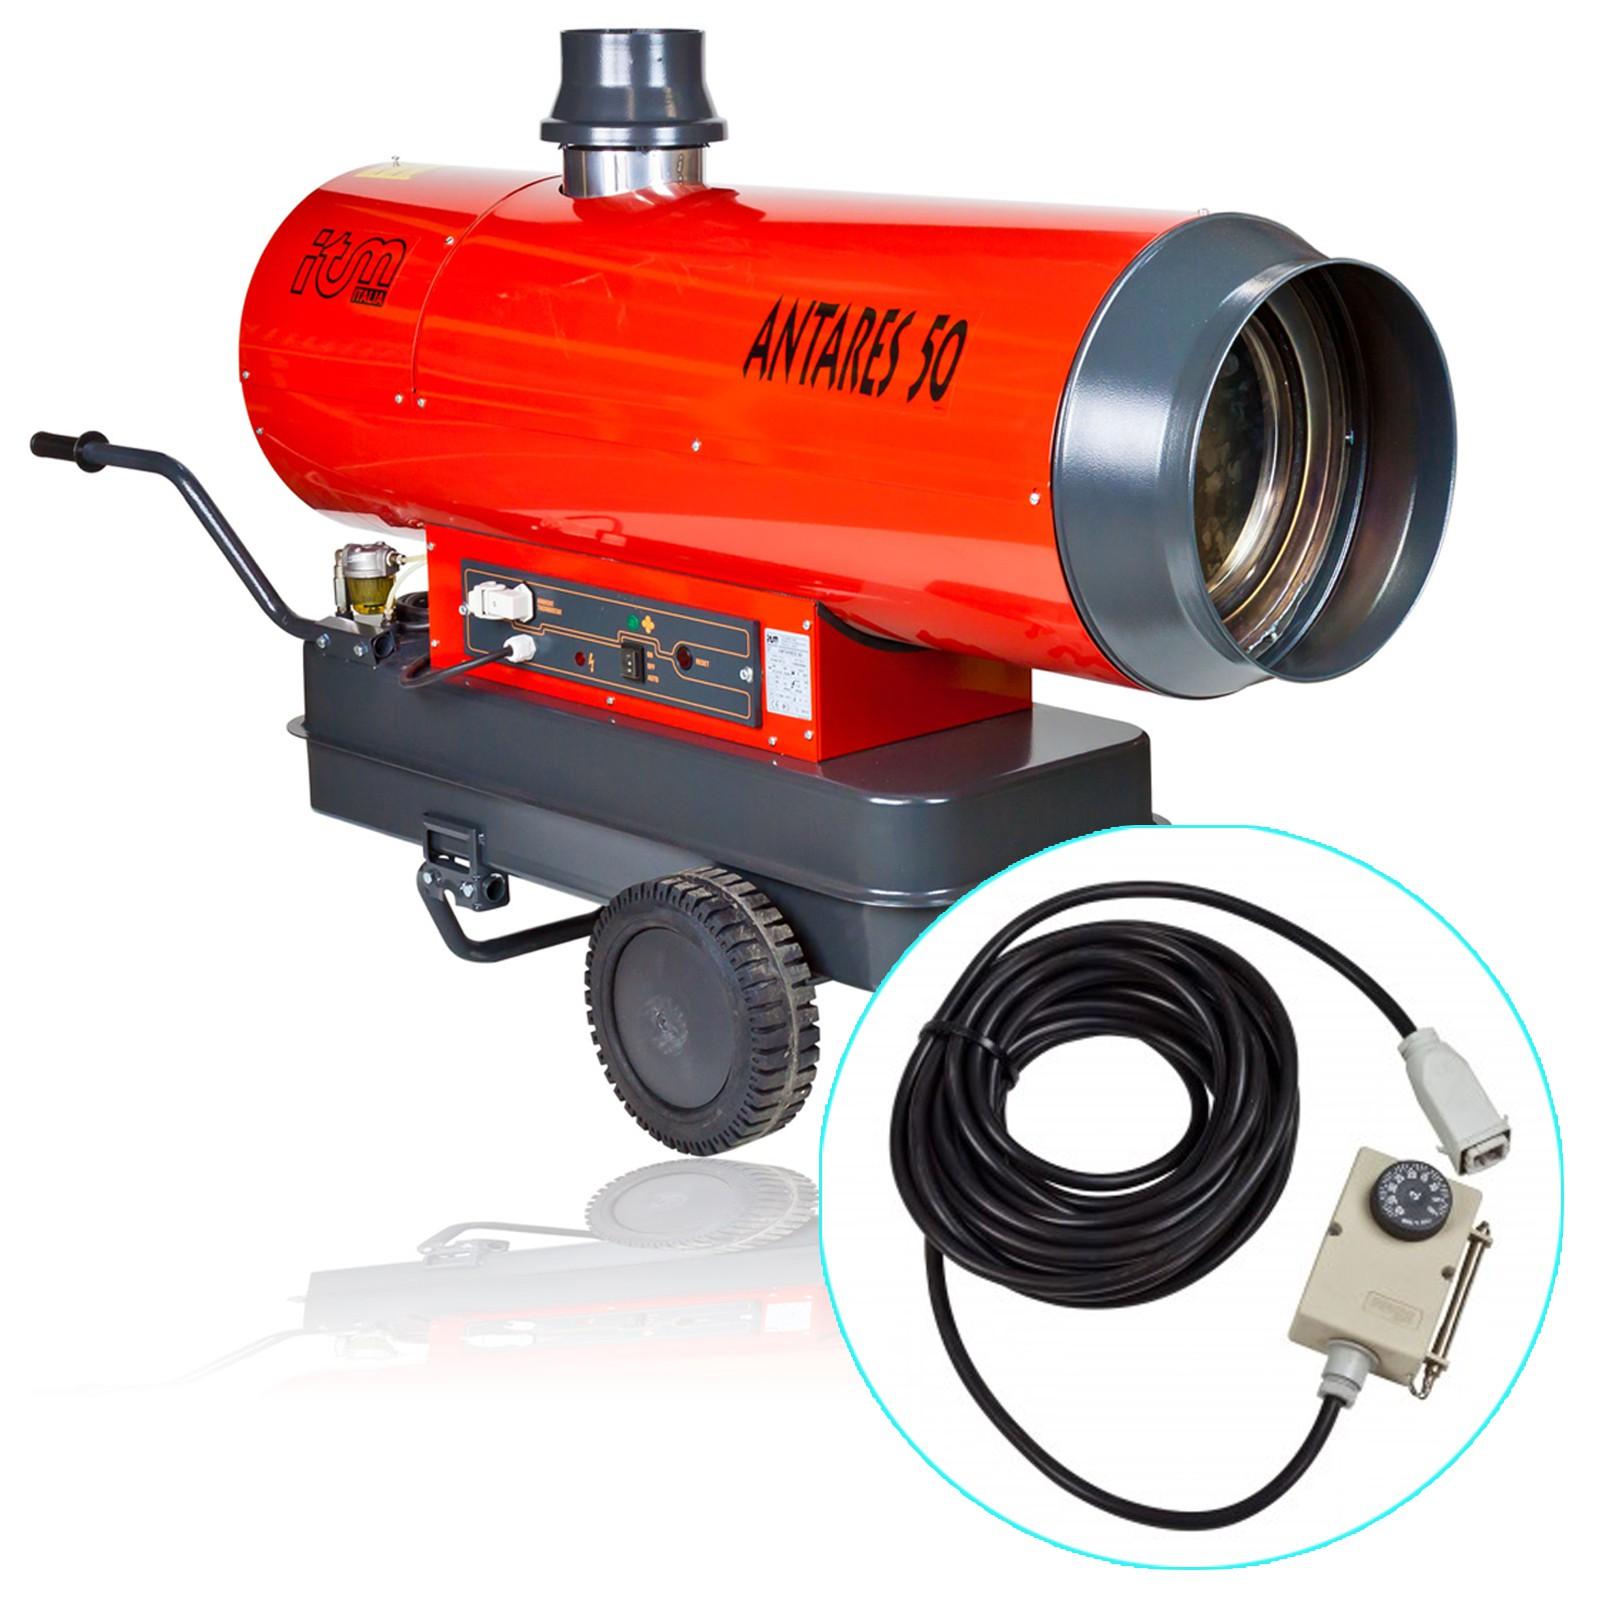 Ölheizgerät Antares 50 Diesel Heizkanone 50kW + Thermostat